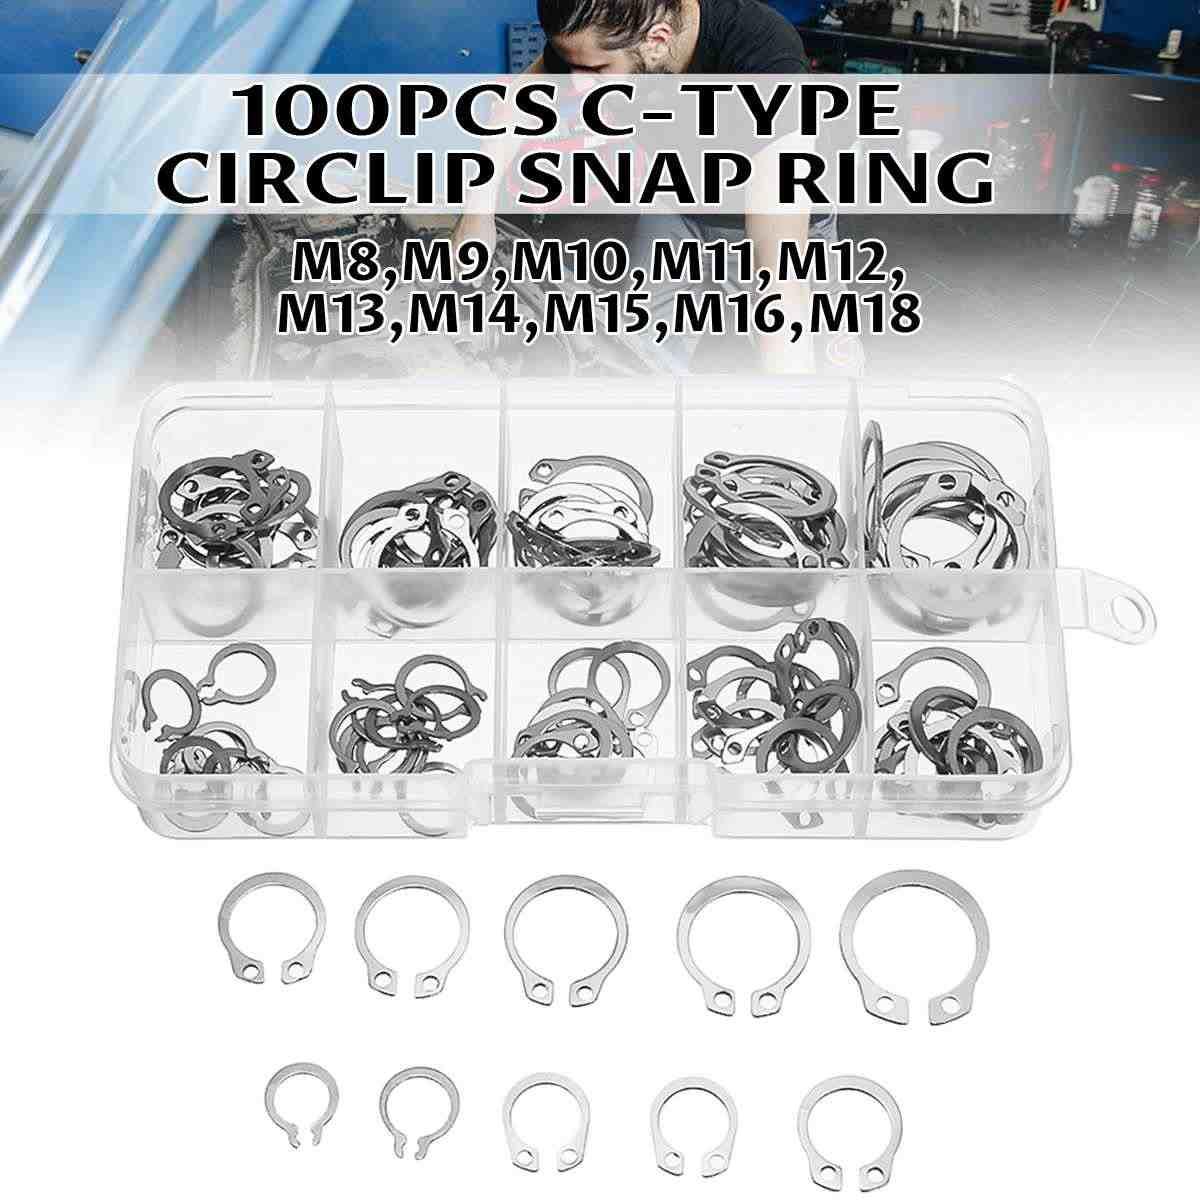 100 szt. M8-M18 wewnętrzne przechowywanie zewnętrzne pierścienie zabezpieczające c-clip podkładki pierścień ustalający pierścień zabezpieczający zestaw asortymentowy ze stali węglowej